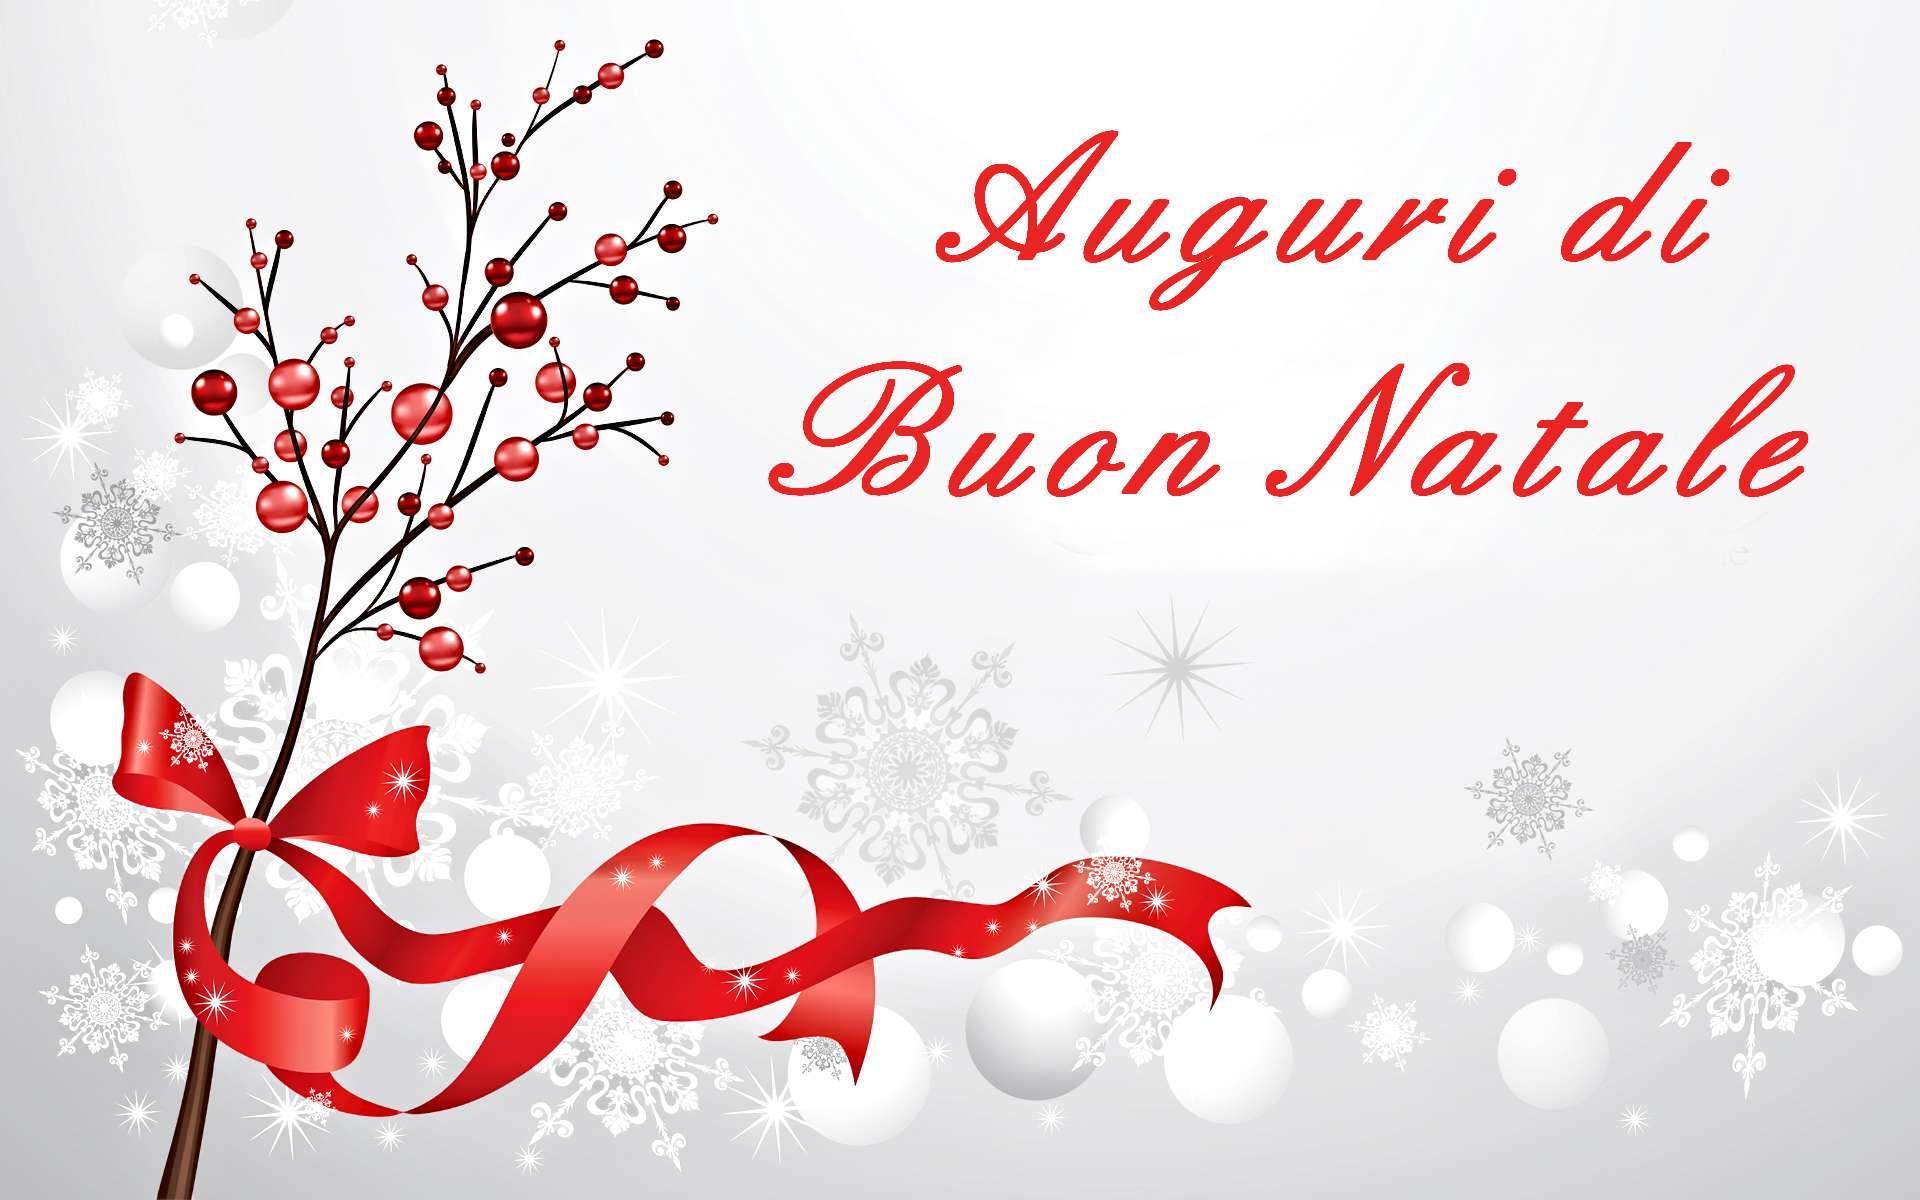 Foto E Auguri Di Buon Natale.Auguri Di Buon Natale E Buon Anno Villa Guardia Viva